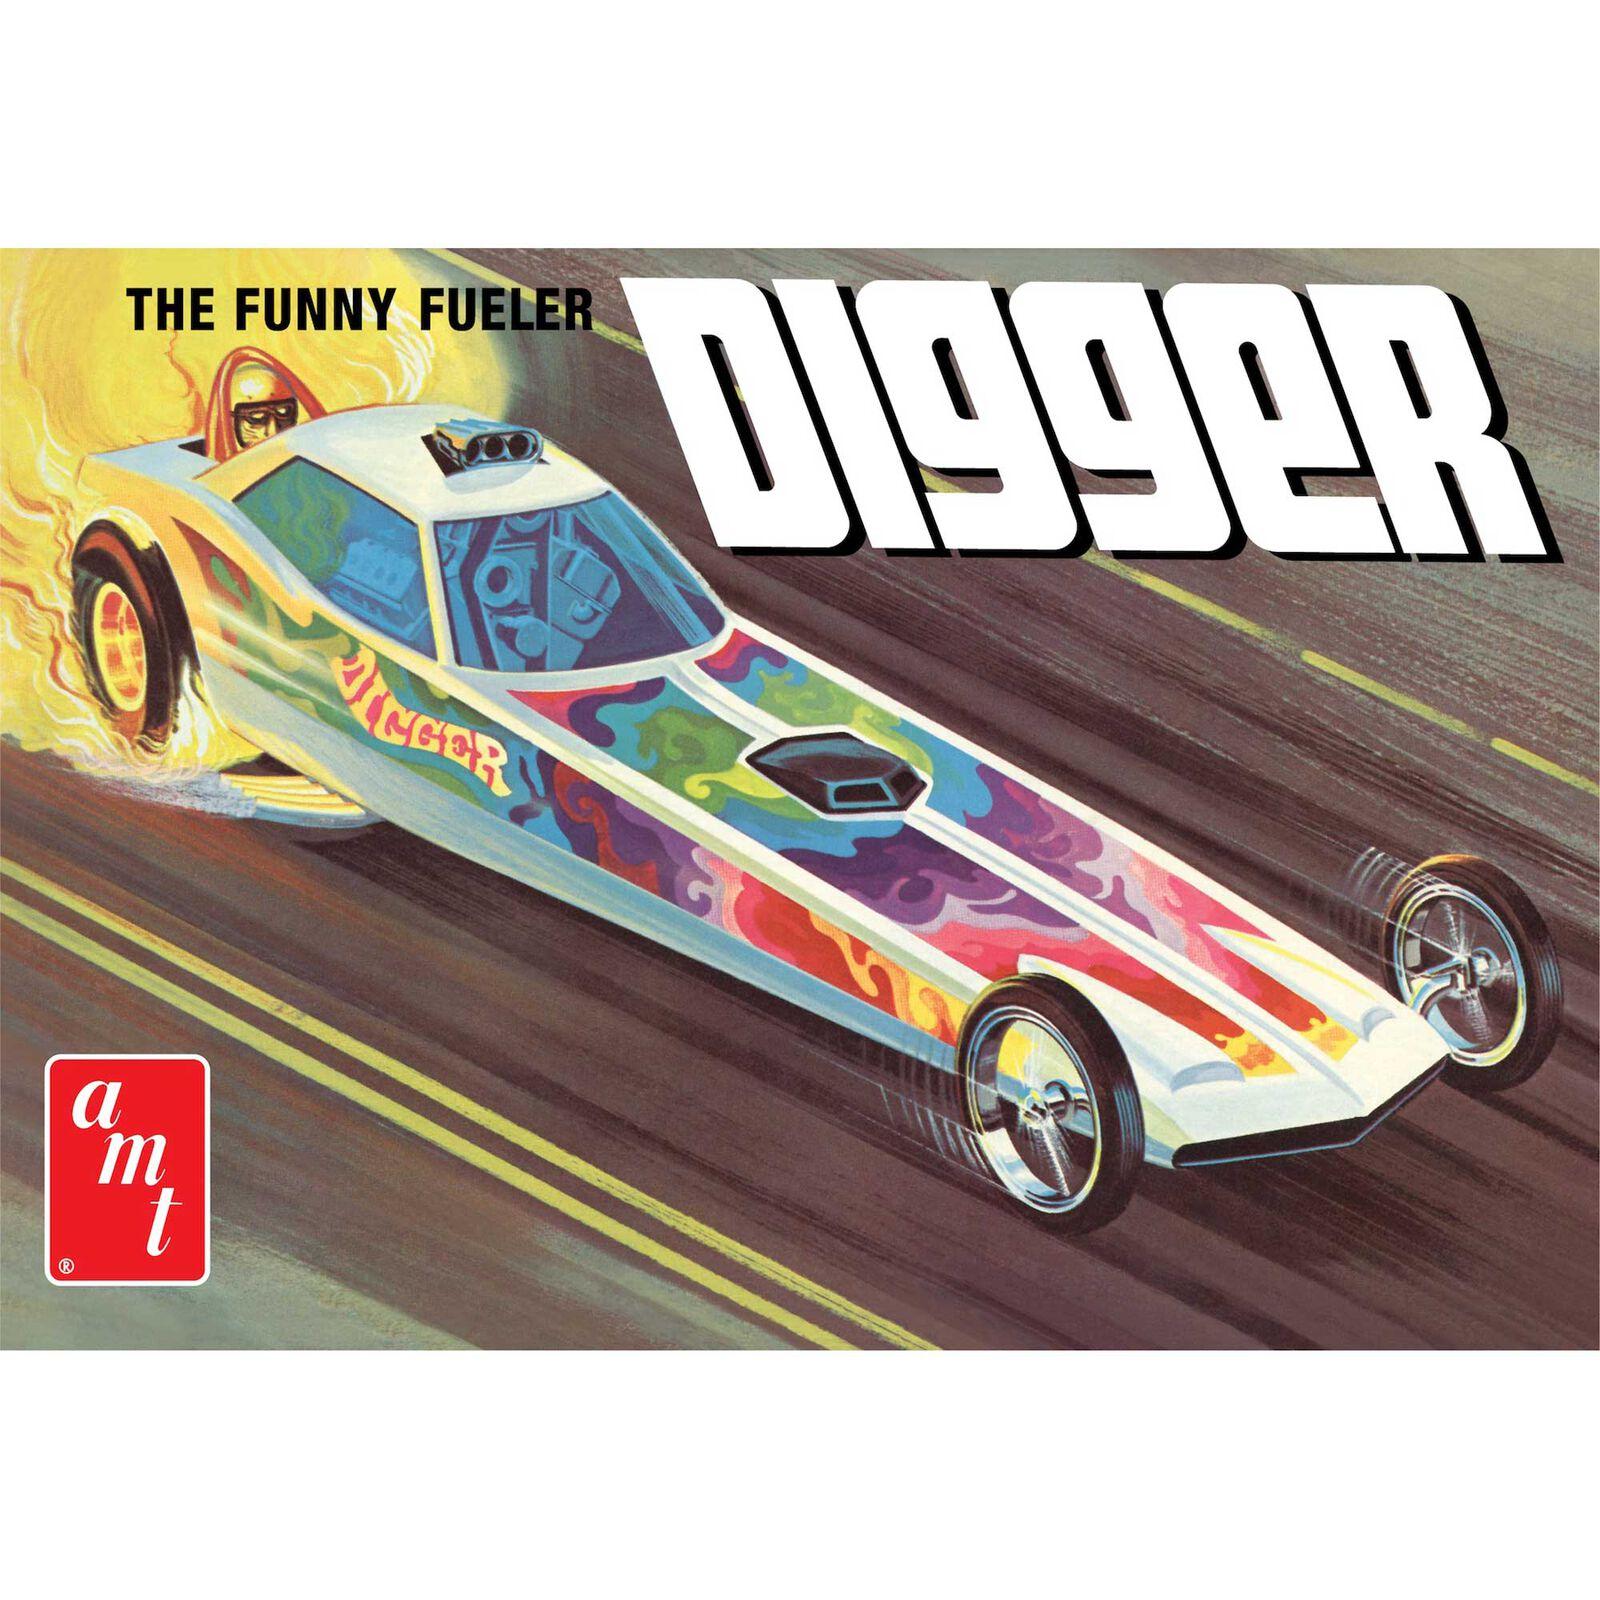 1/25 Digger Dragster Fooler Fueler